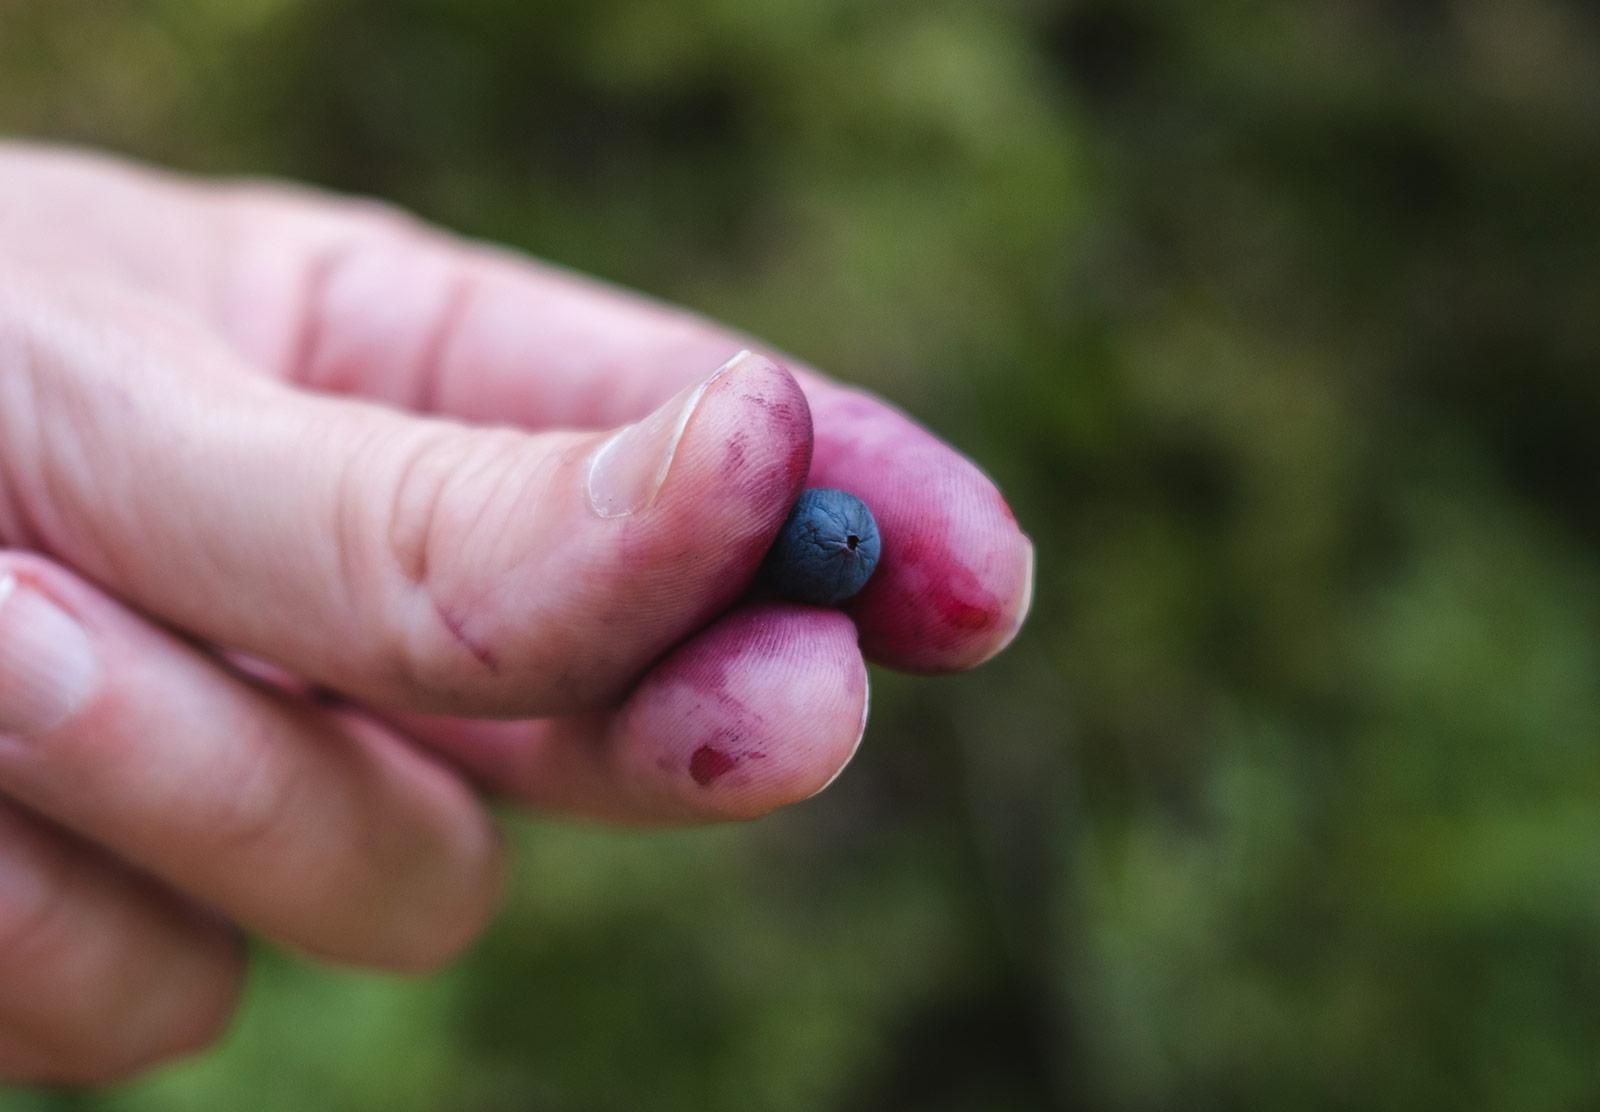 Shrivelled blueberry